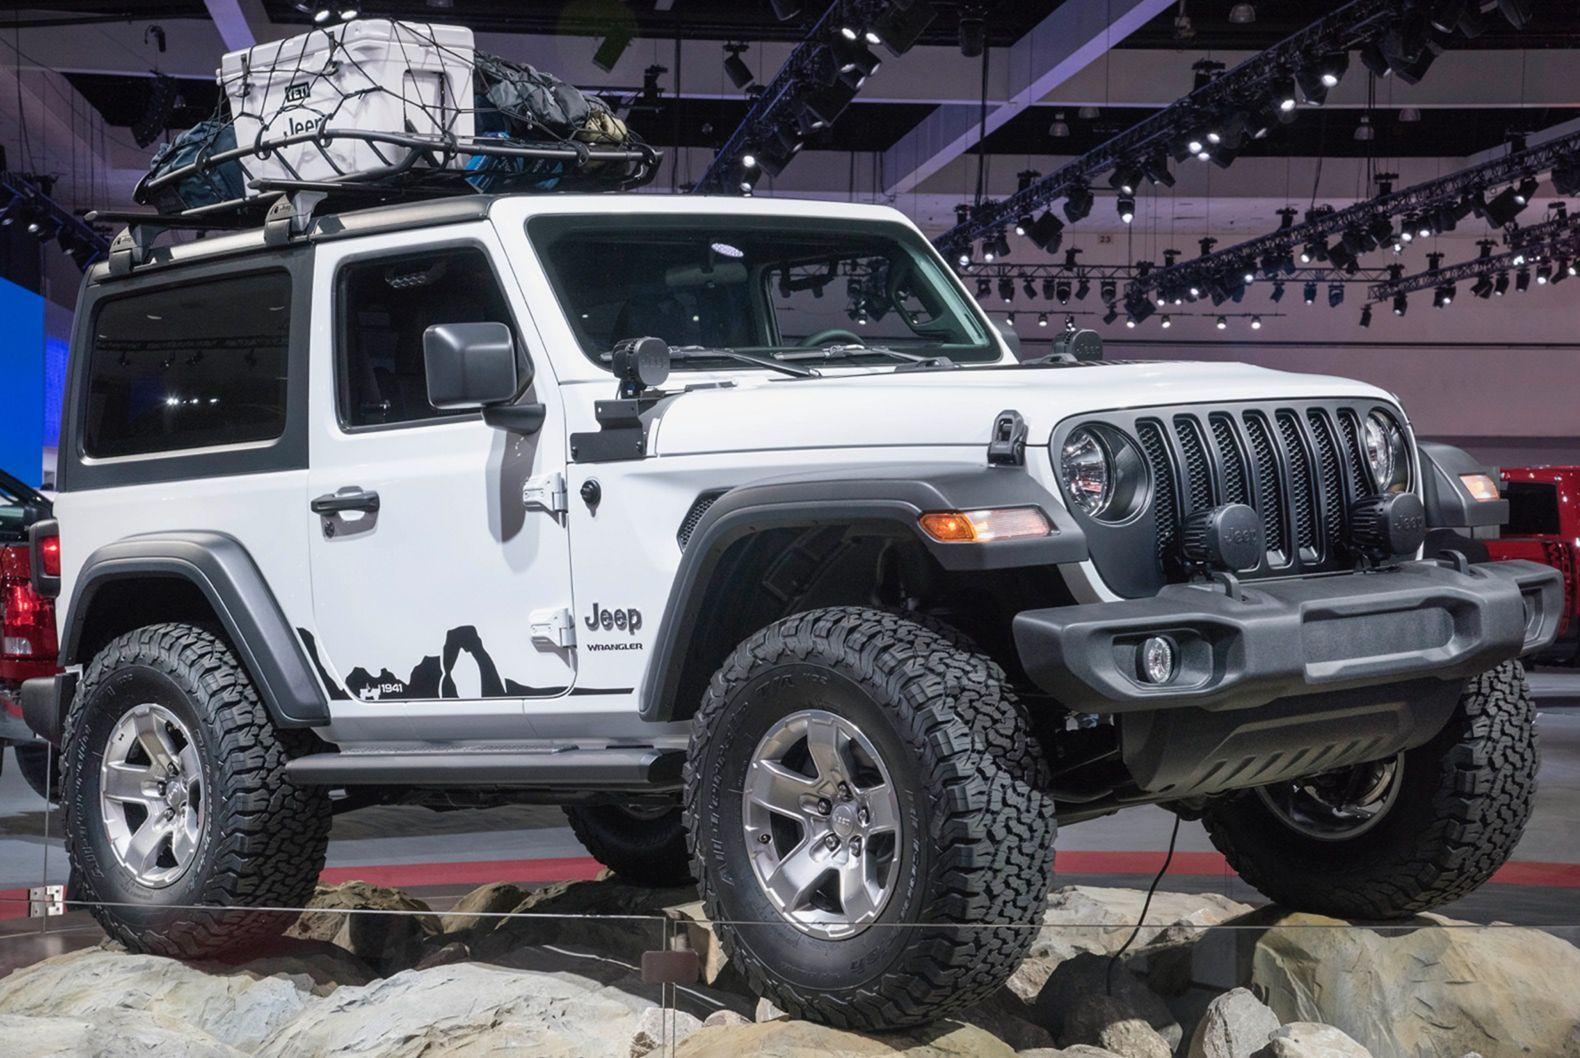 White Jeep Wrangler Jeep Wrangler Price Jeep Wrangler Sport